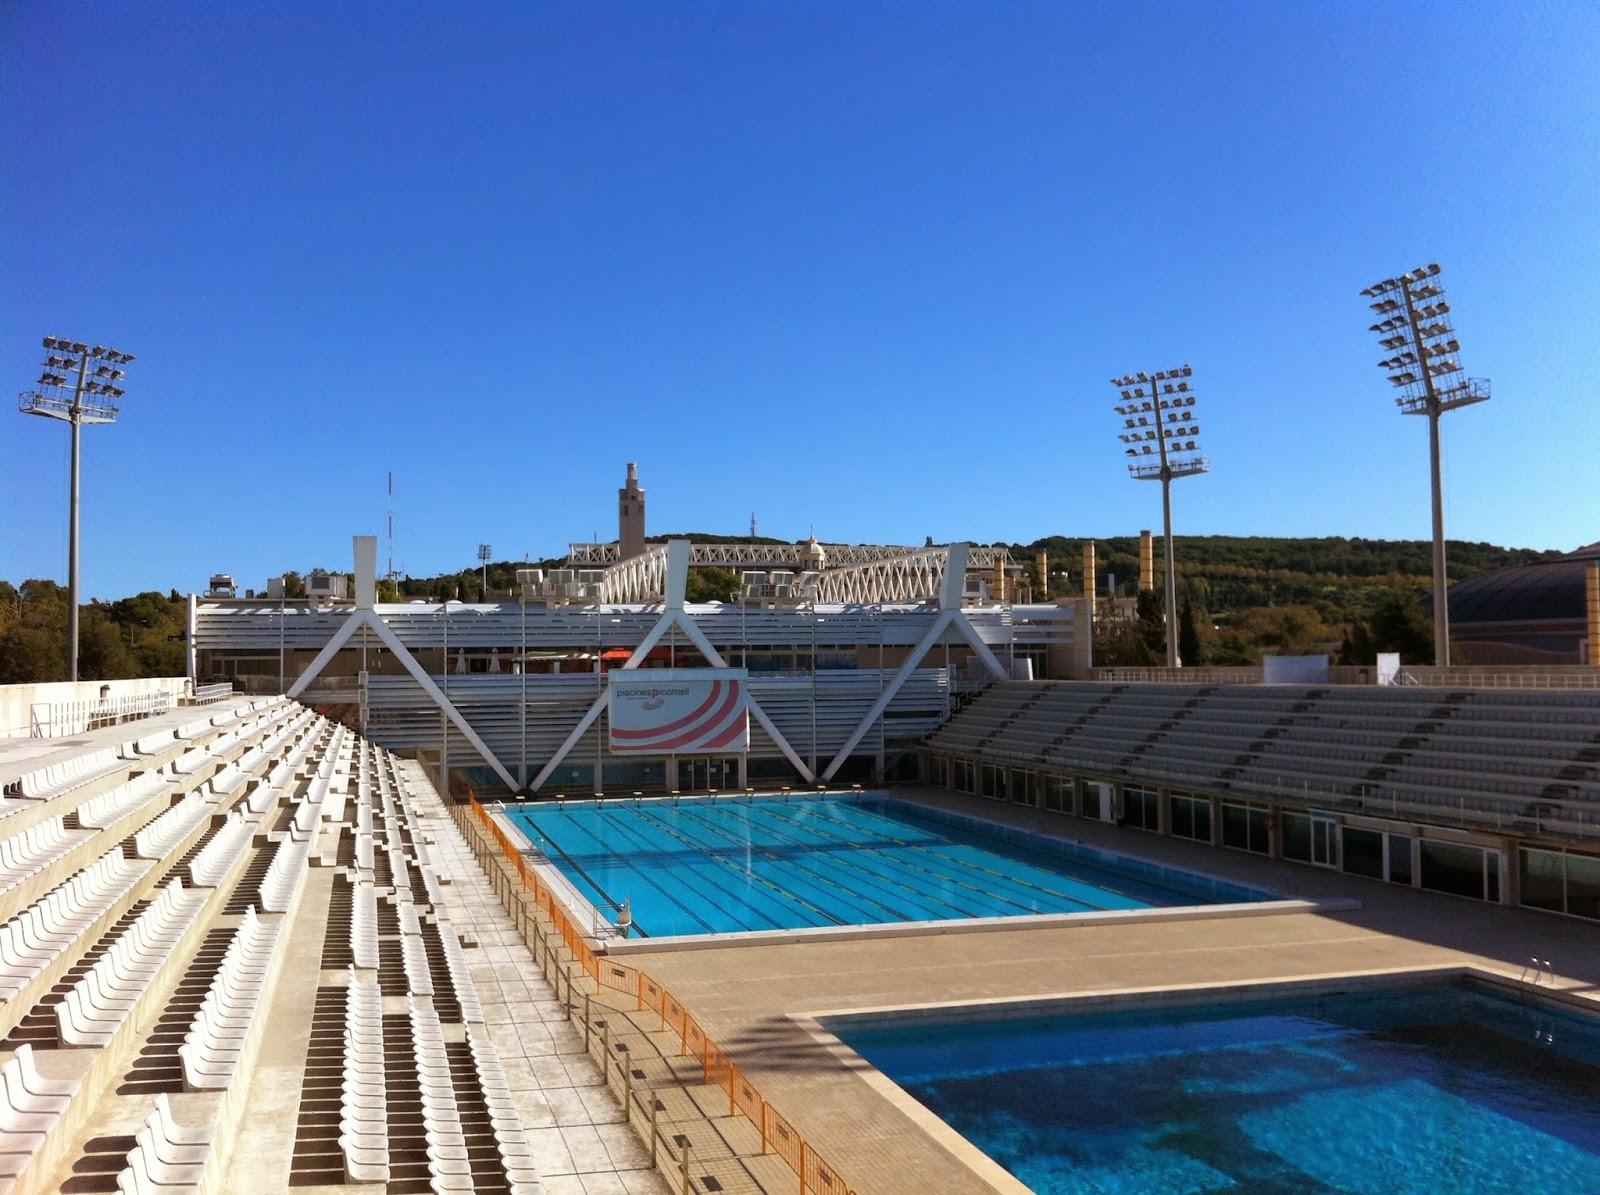 arquitectura y deporte piscinas picornell